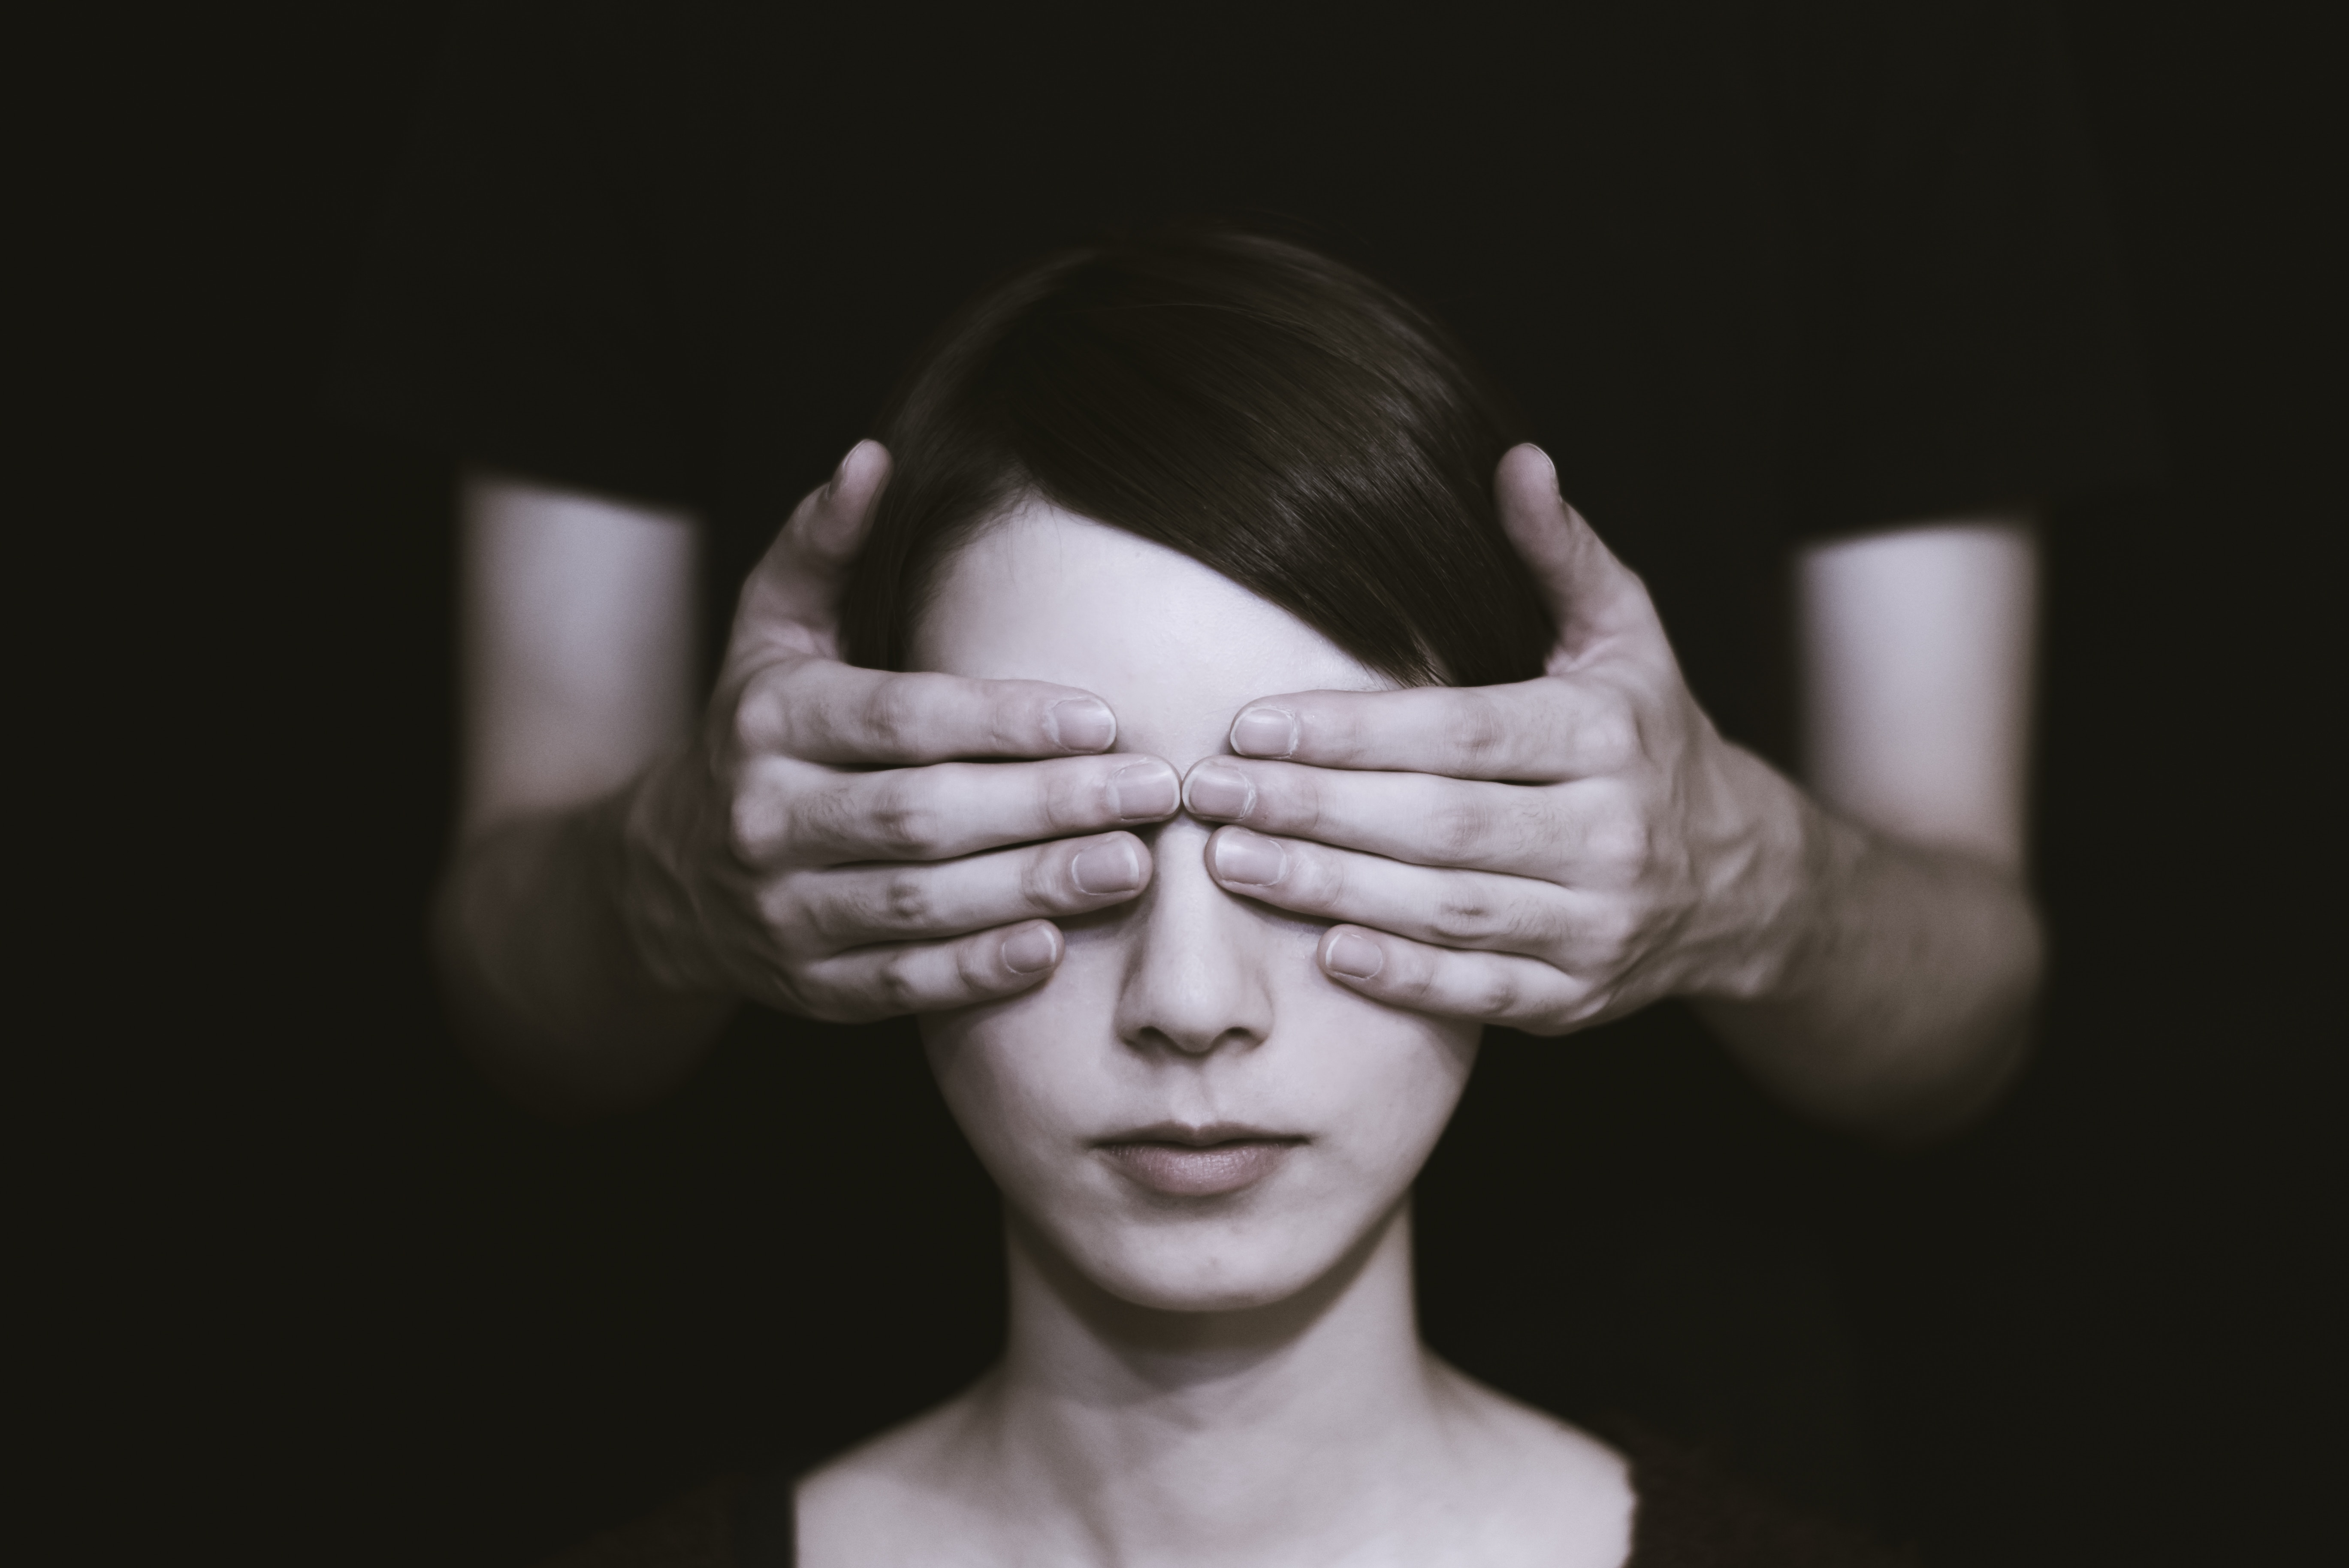 alla cieca